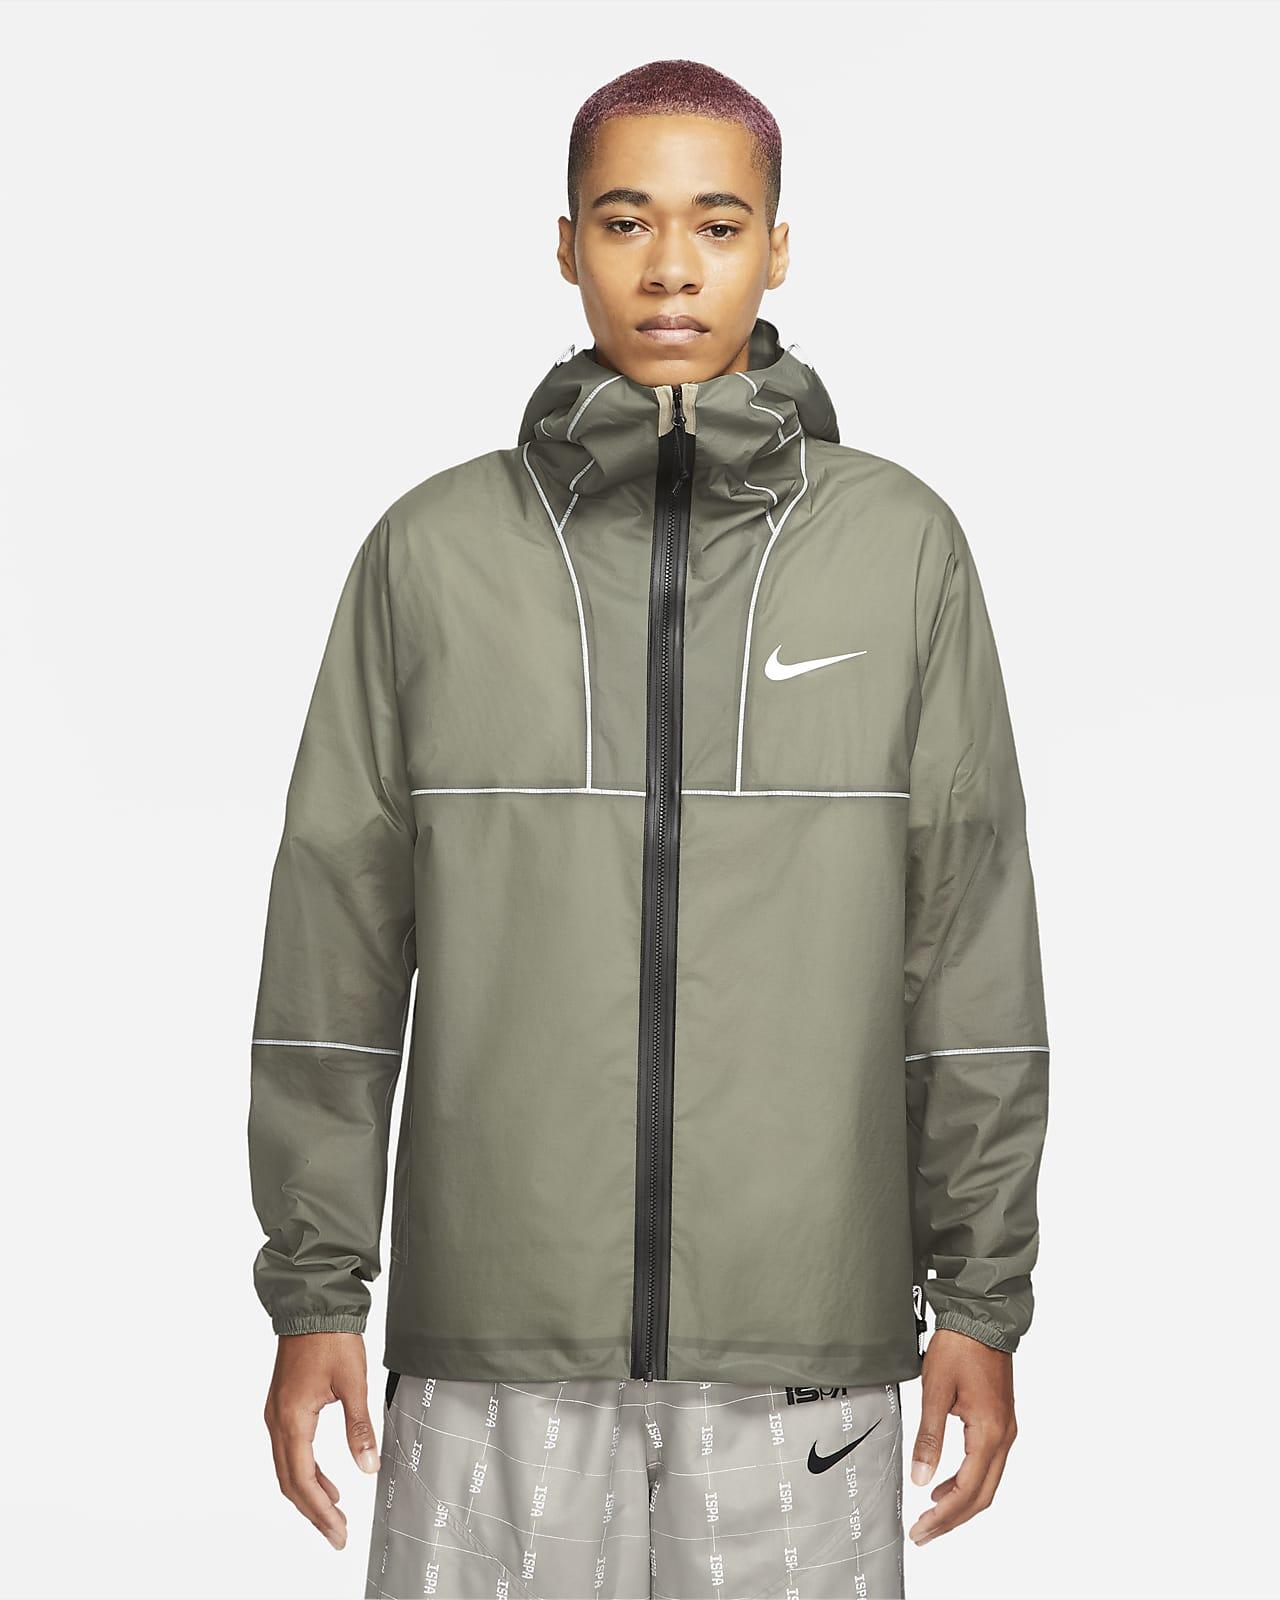 เสื้อแจ็คเก็ตพับเก็บได้น้ำหนักเบาผู้ชาย Nike iSPA